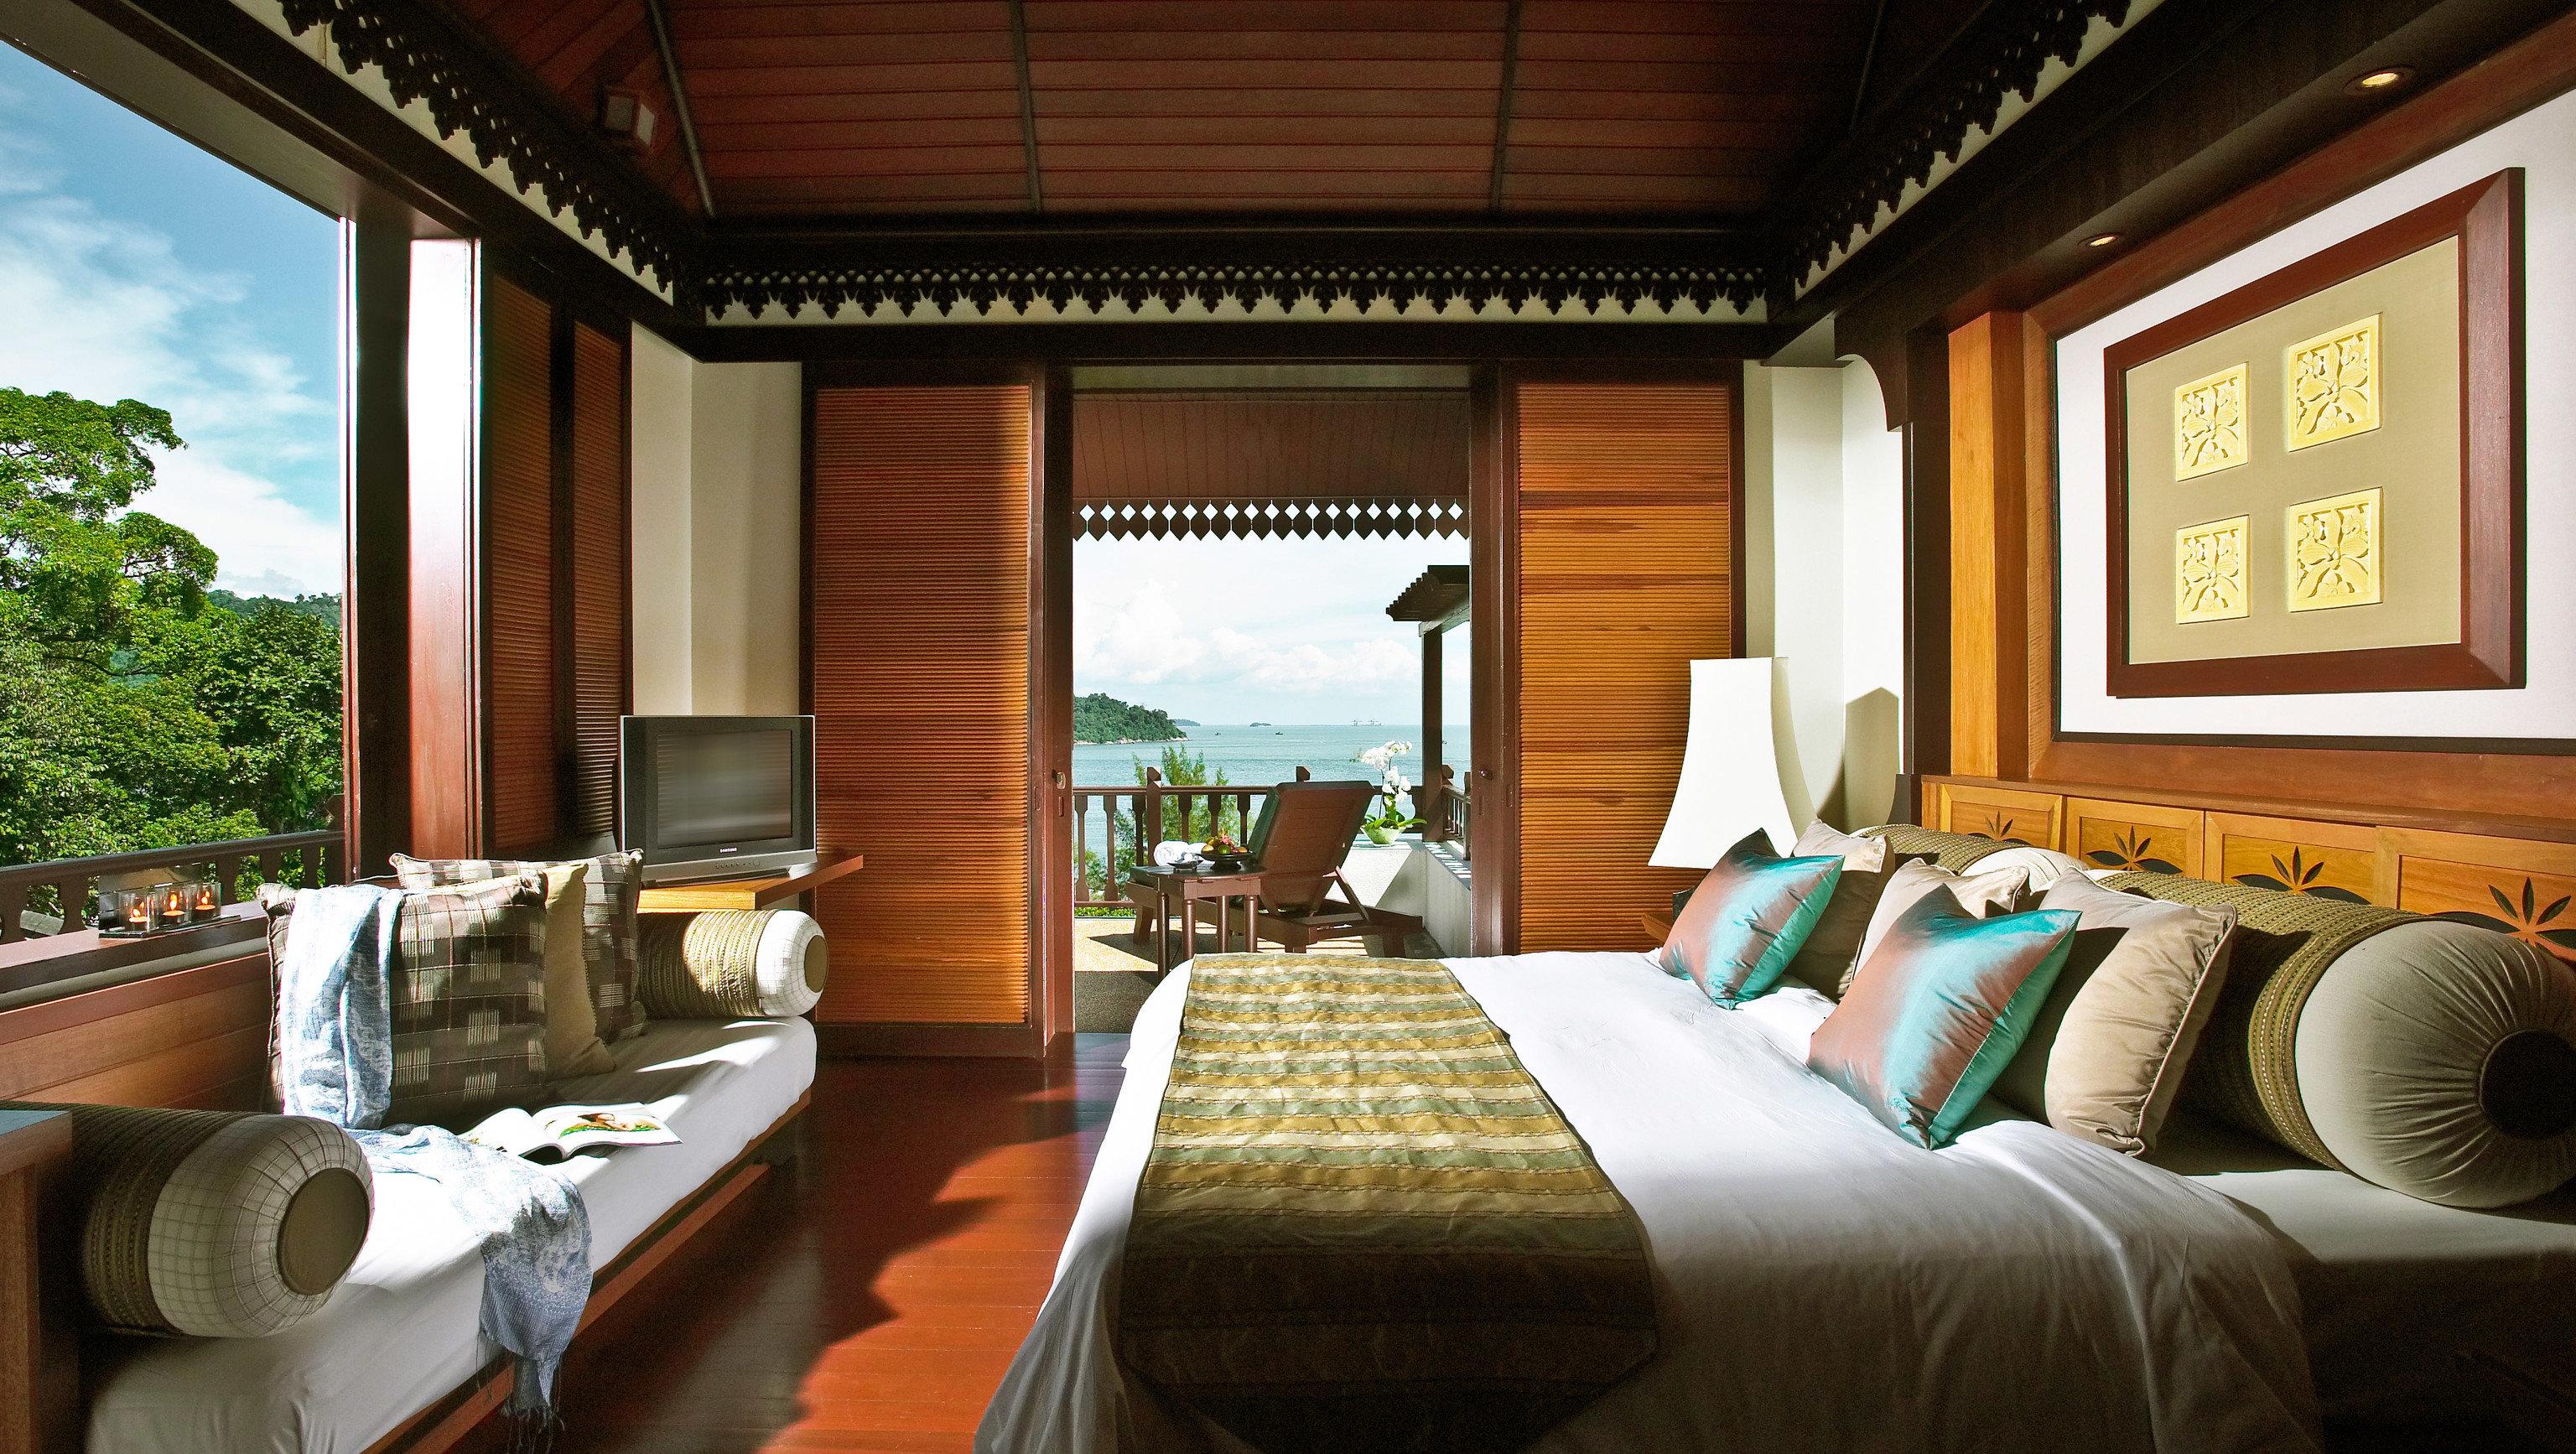 Hotels indoor sofa window room bed property estate ceiling Resort Suite home interior design hotel living room cottage Villa real estate furniture Bedroom